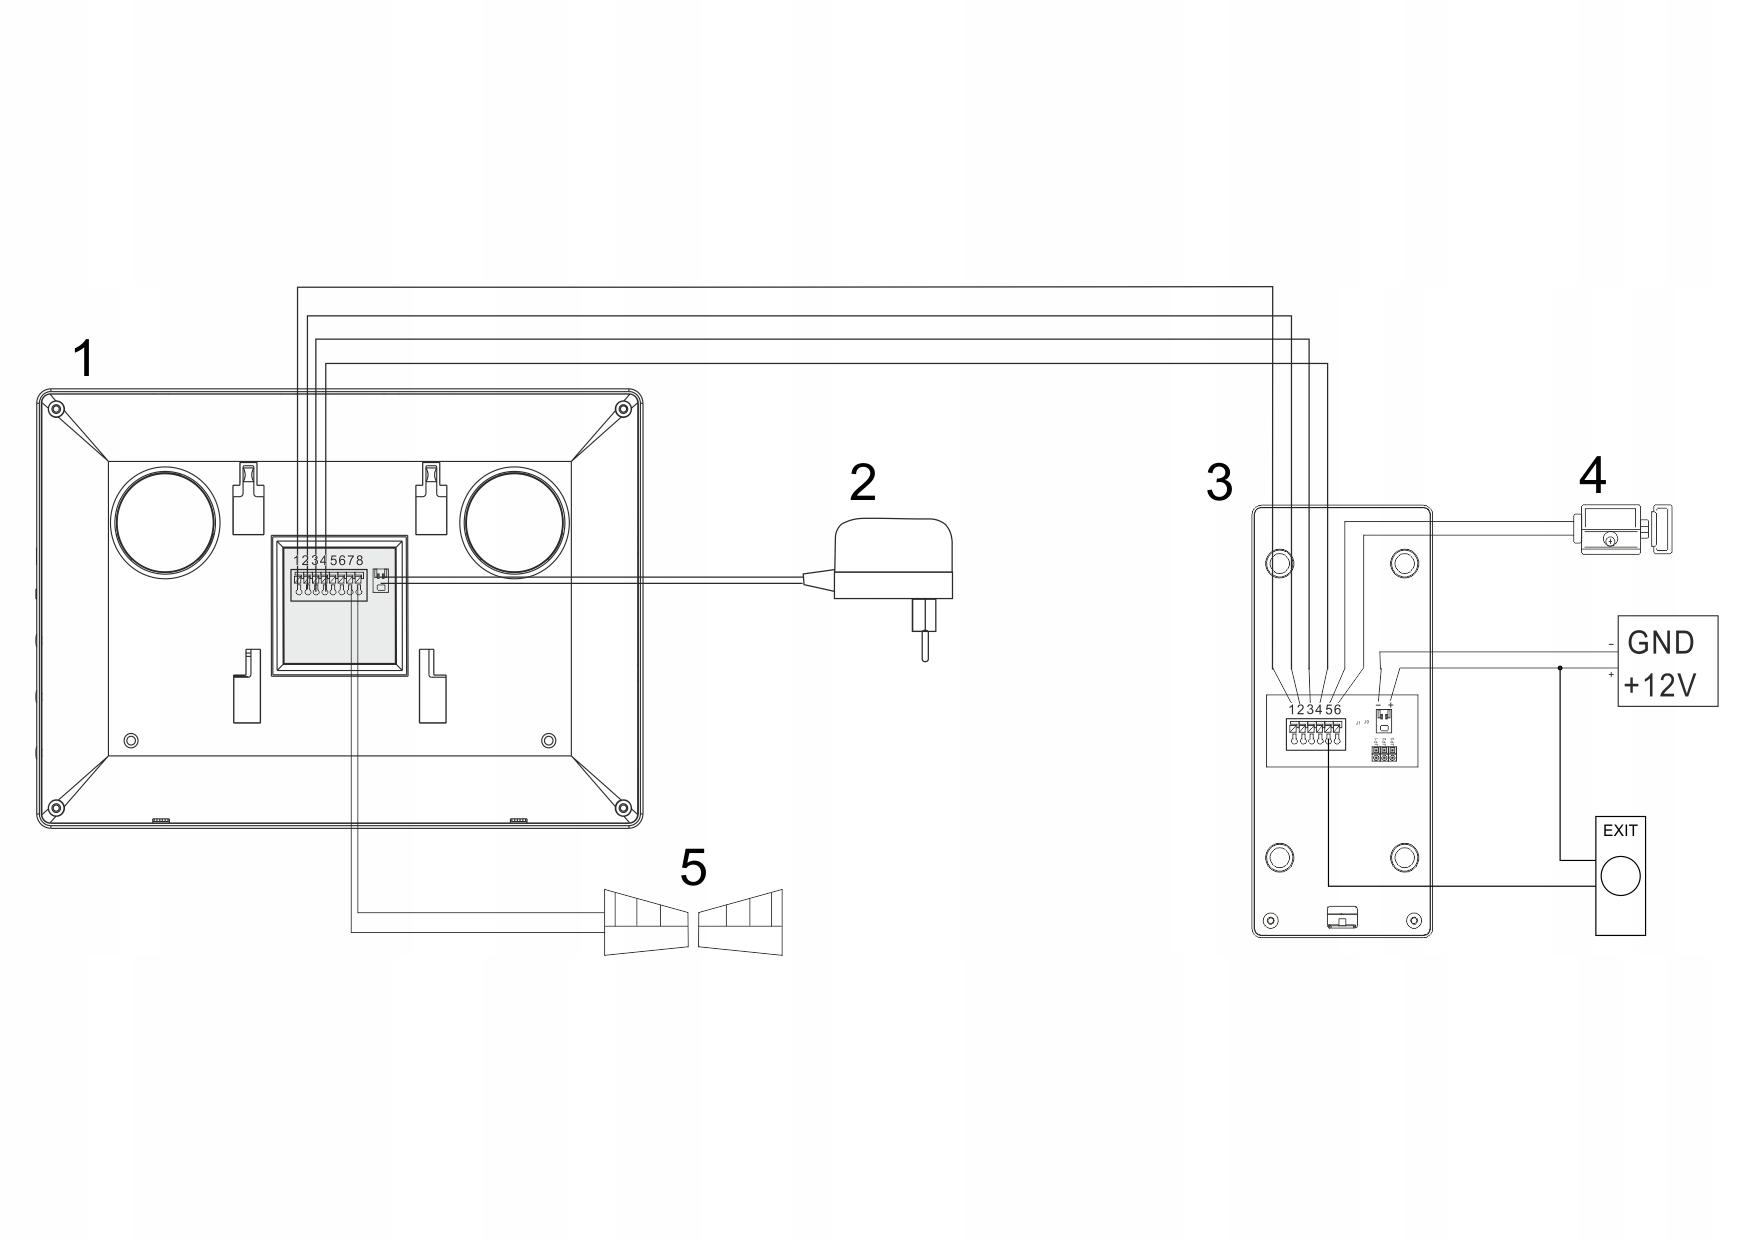 Schemat podłączeniowy wideodmofonu Feniks 80 Eura